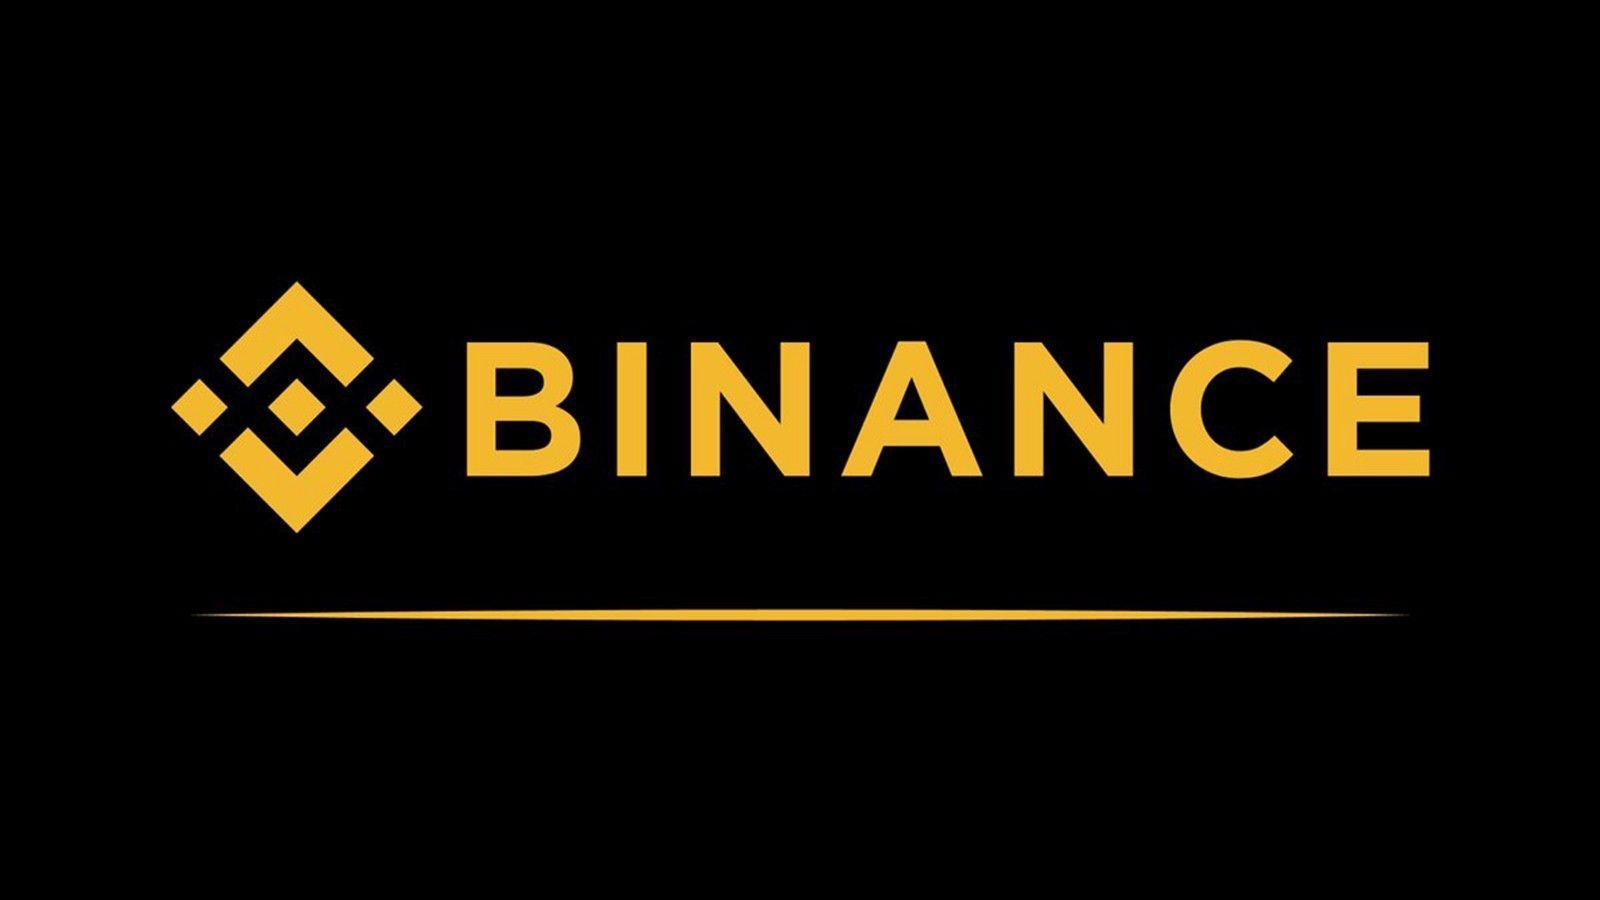 بينانس توقف عروض العقود الآجلة والمشتقات في السوق الأوروبية وتحدد الموعد النهائي!